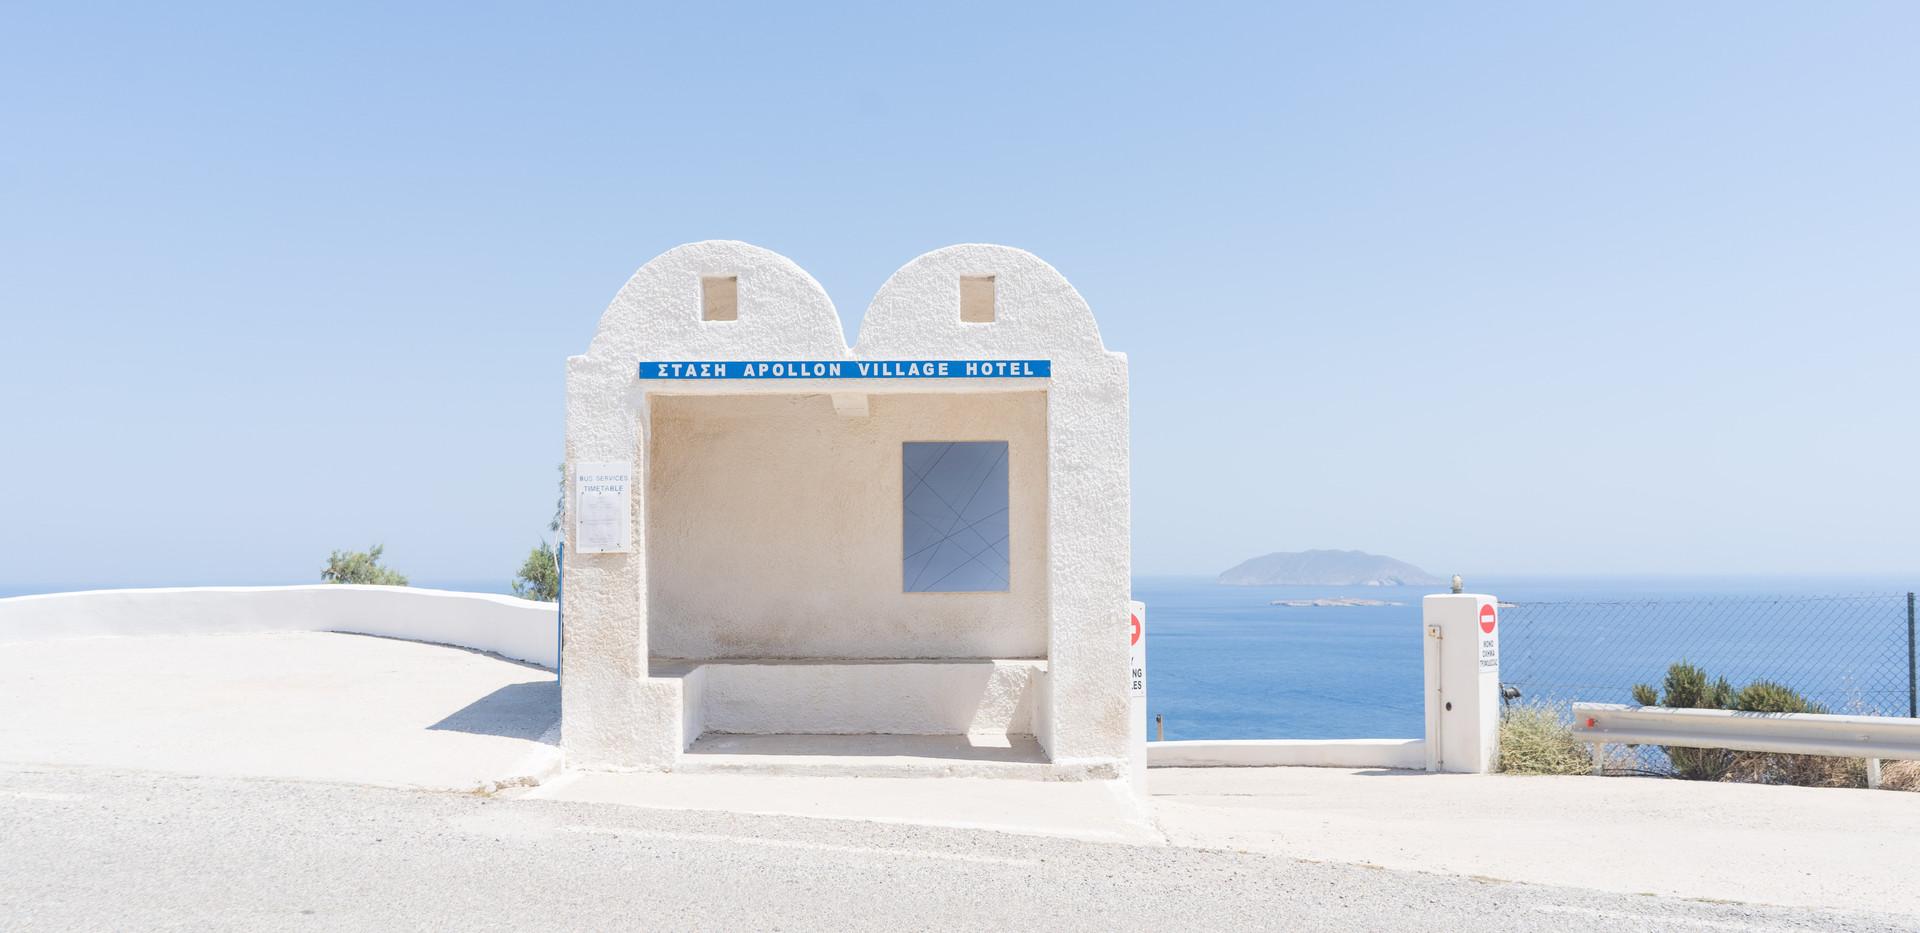 Phenomenon, Stelios Kallinikou, Bus stop project, Phenomenon 3. Photo credit: Alexandra Masmanidi